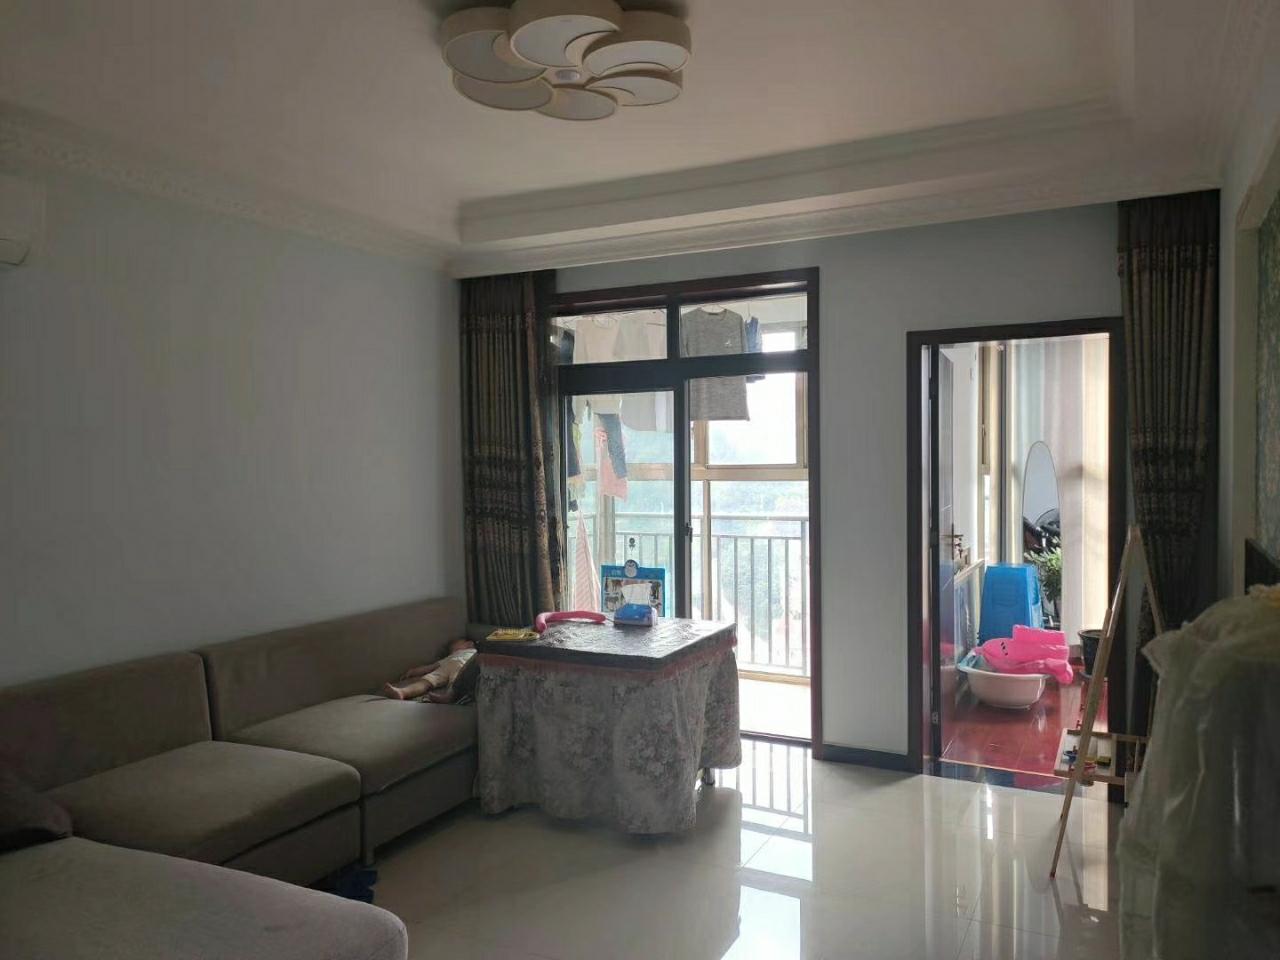 晋鹏·山台山3室 2厅 1卫56.8万元